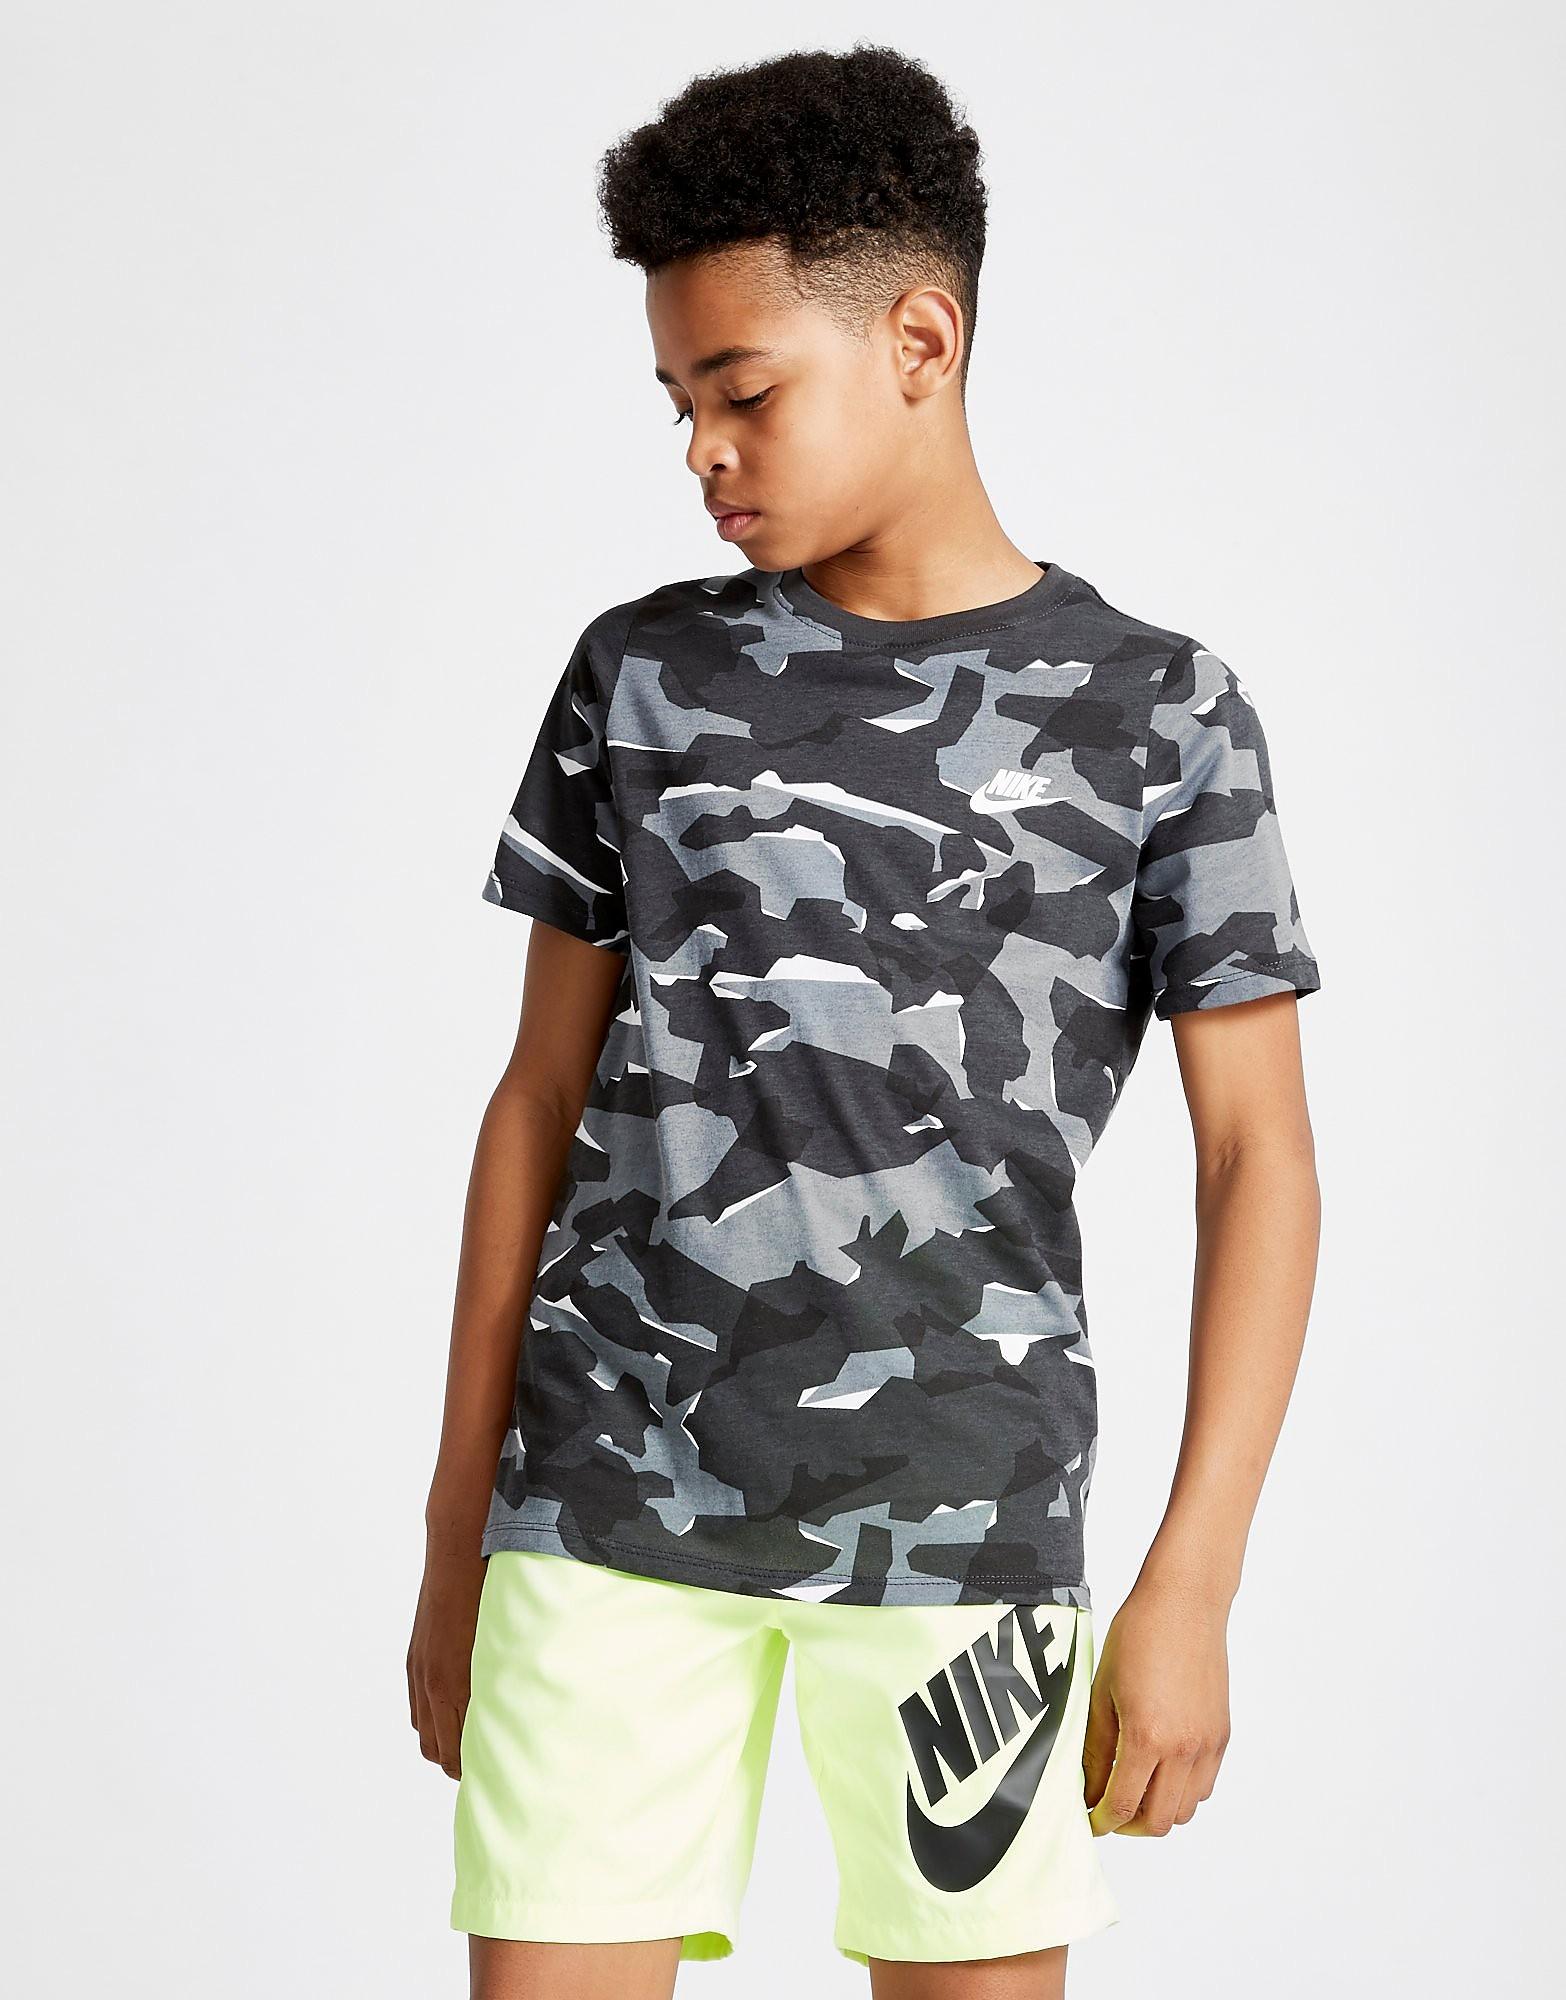 Nike T-shirt imprimé Camo Junior